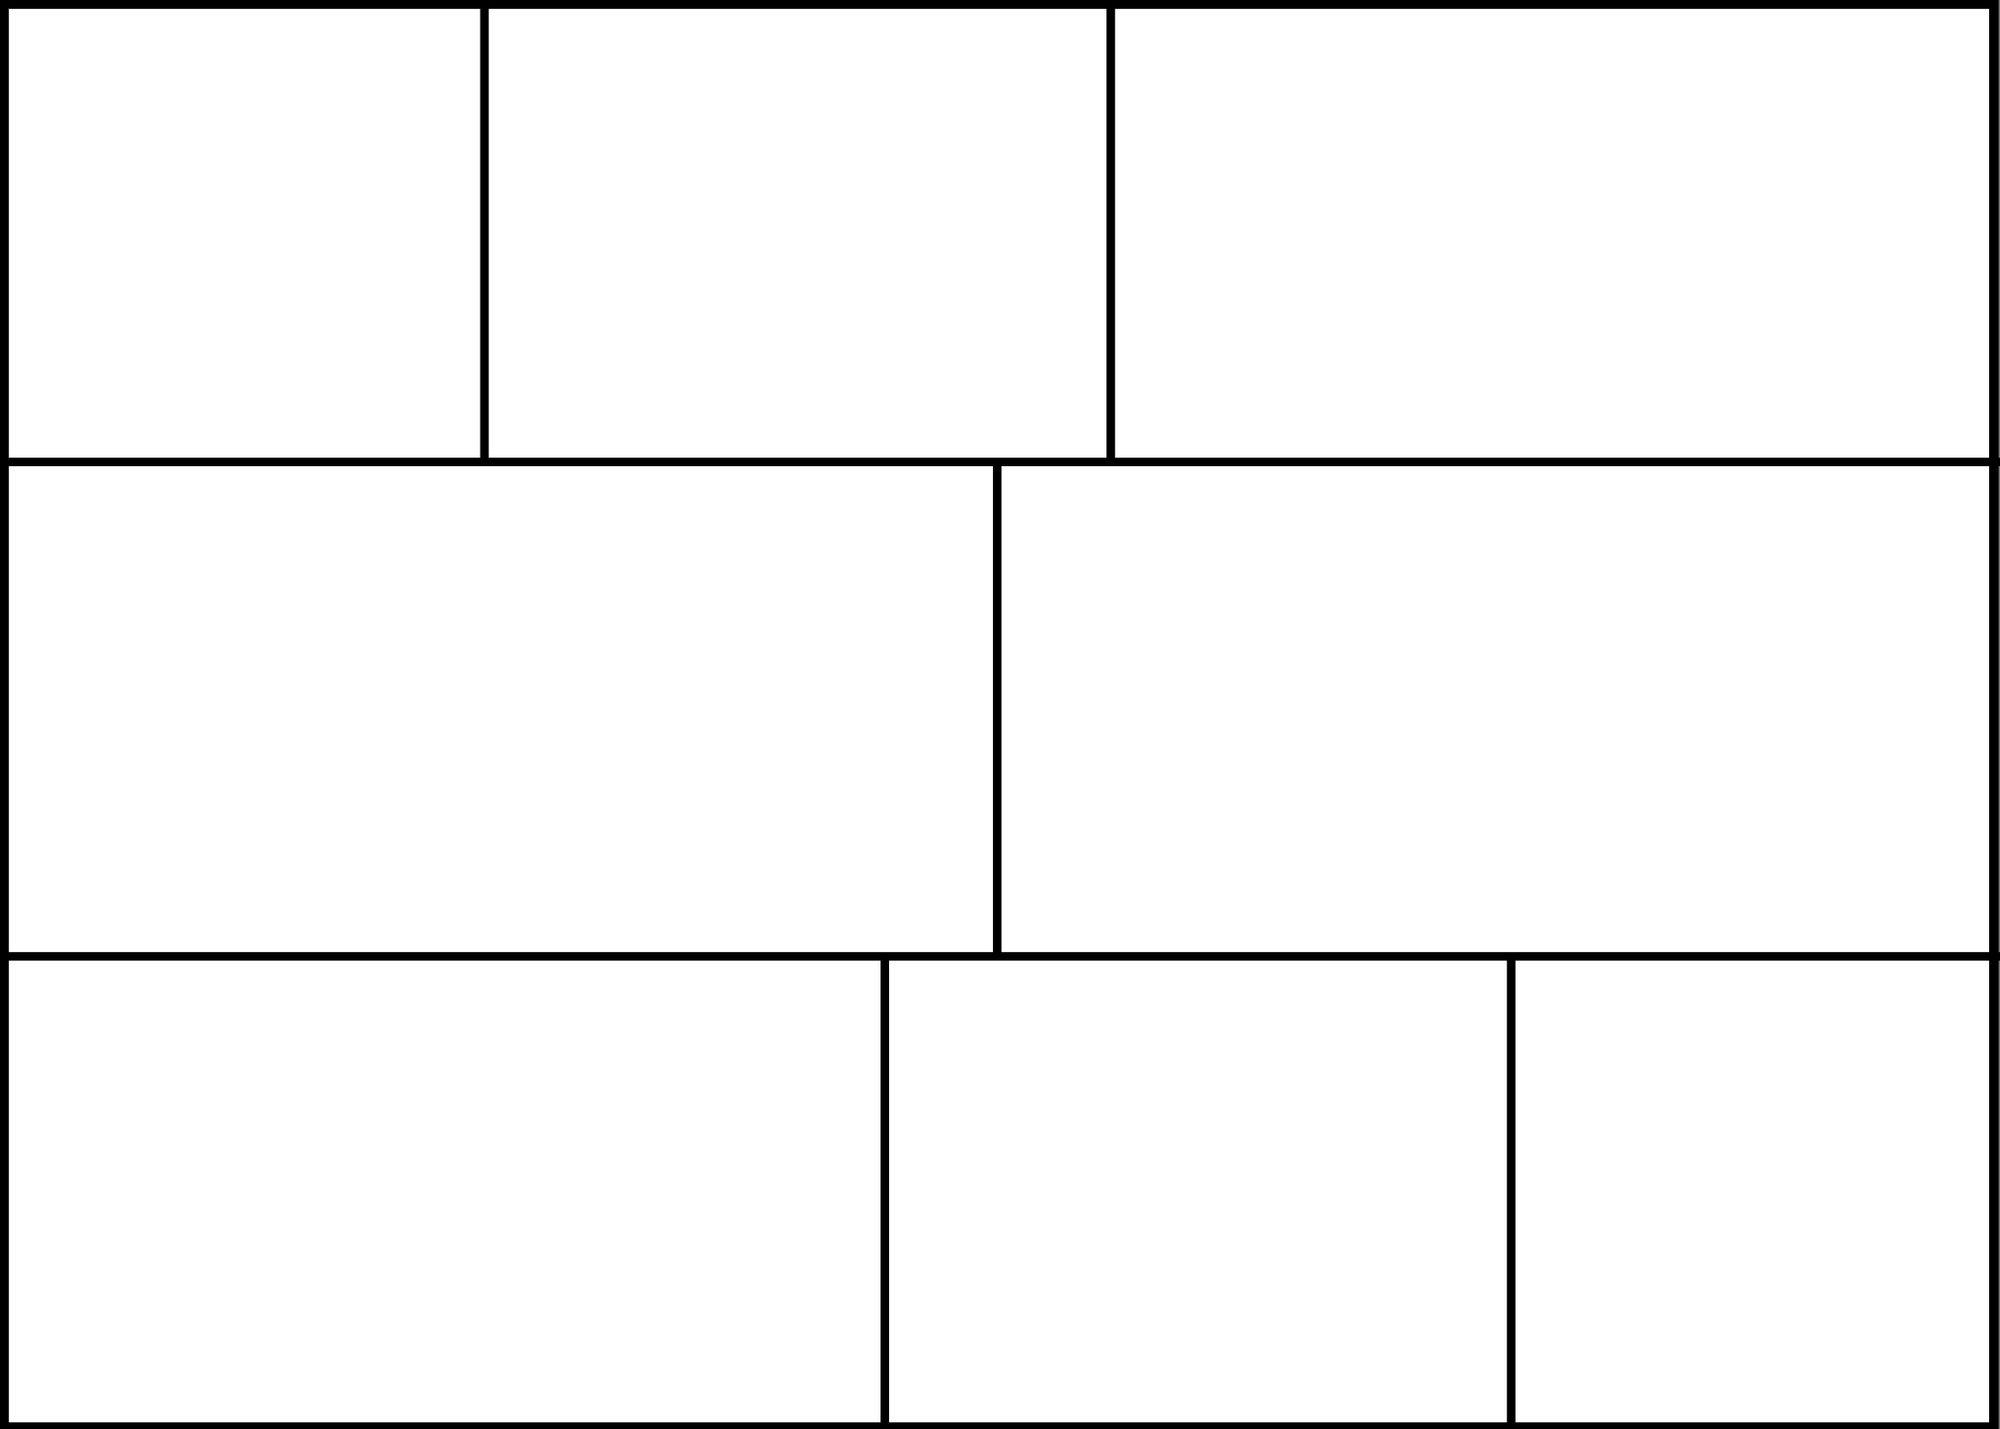 Eine 8-Panel-Comic-Vorlage mit einem Seitenverhältnis von 7: 5.